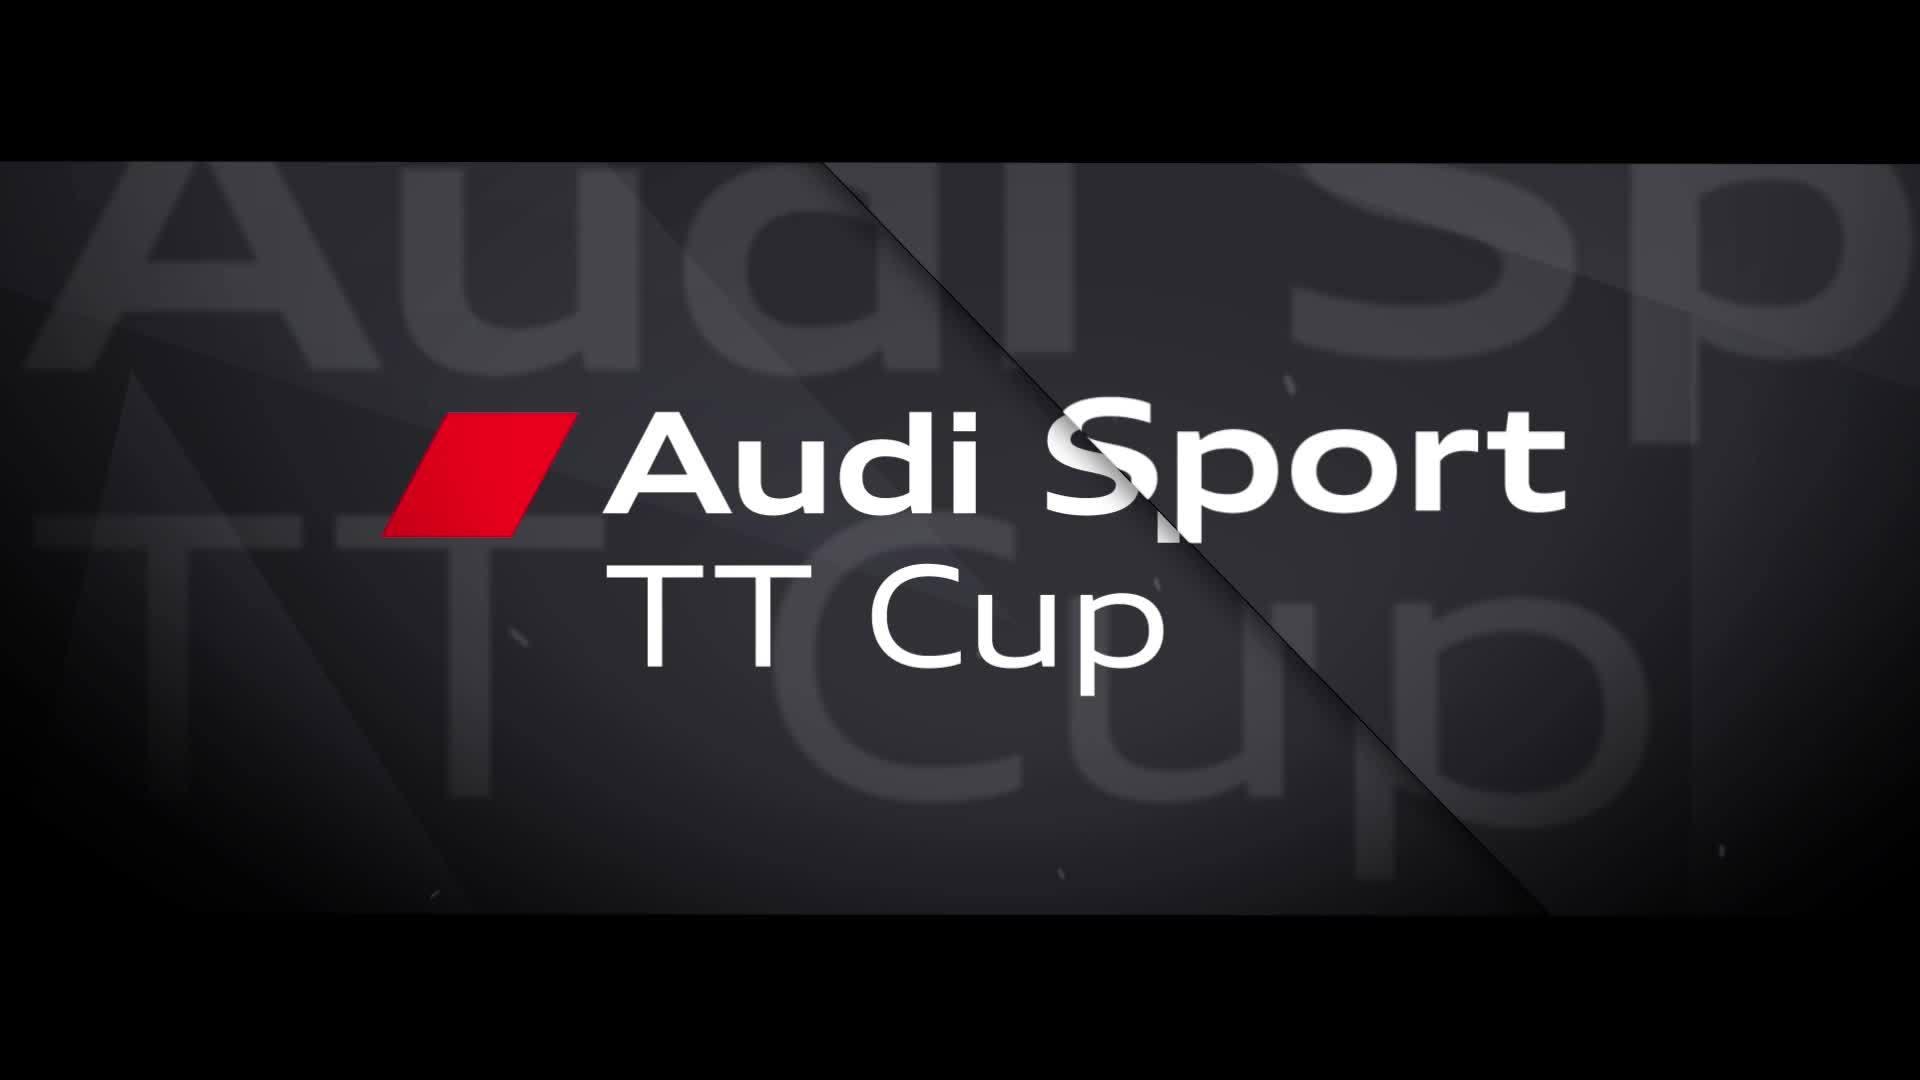 Live from Zandvoort: The Audi Sport TT Cup